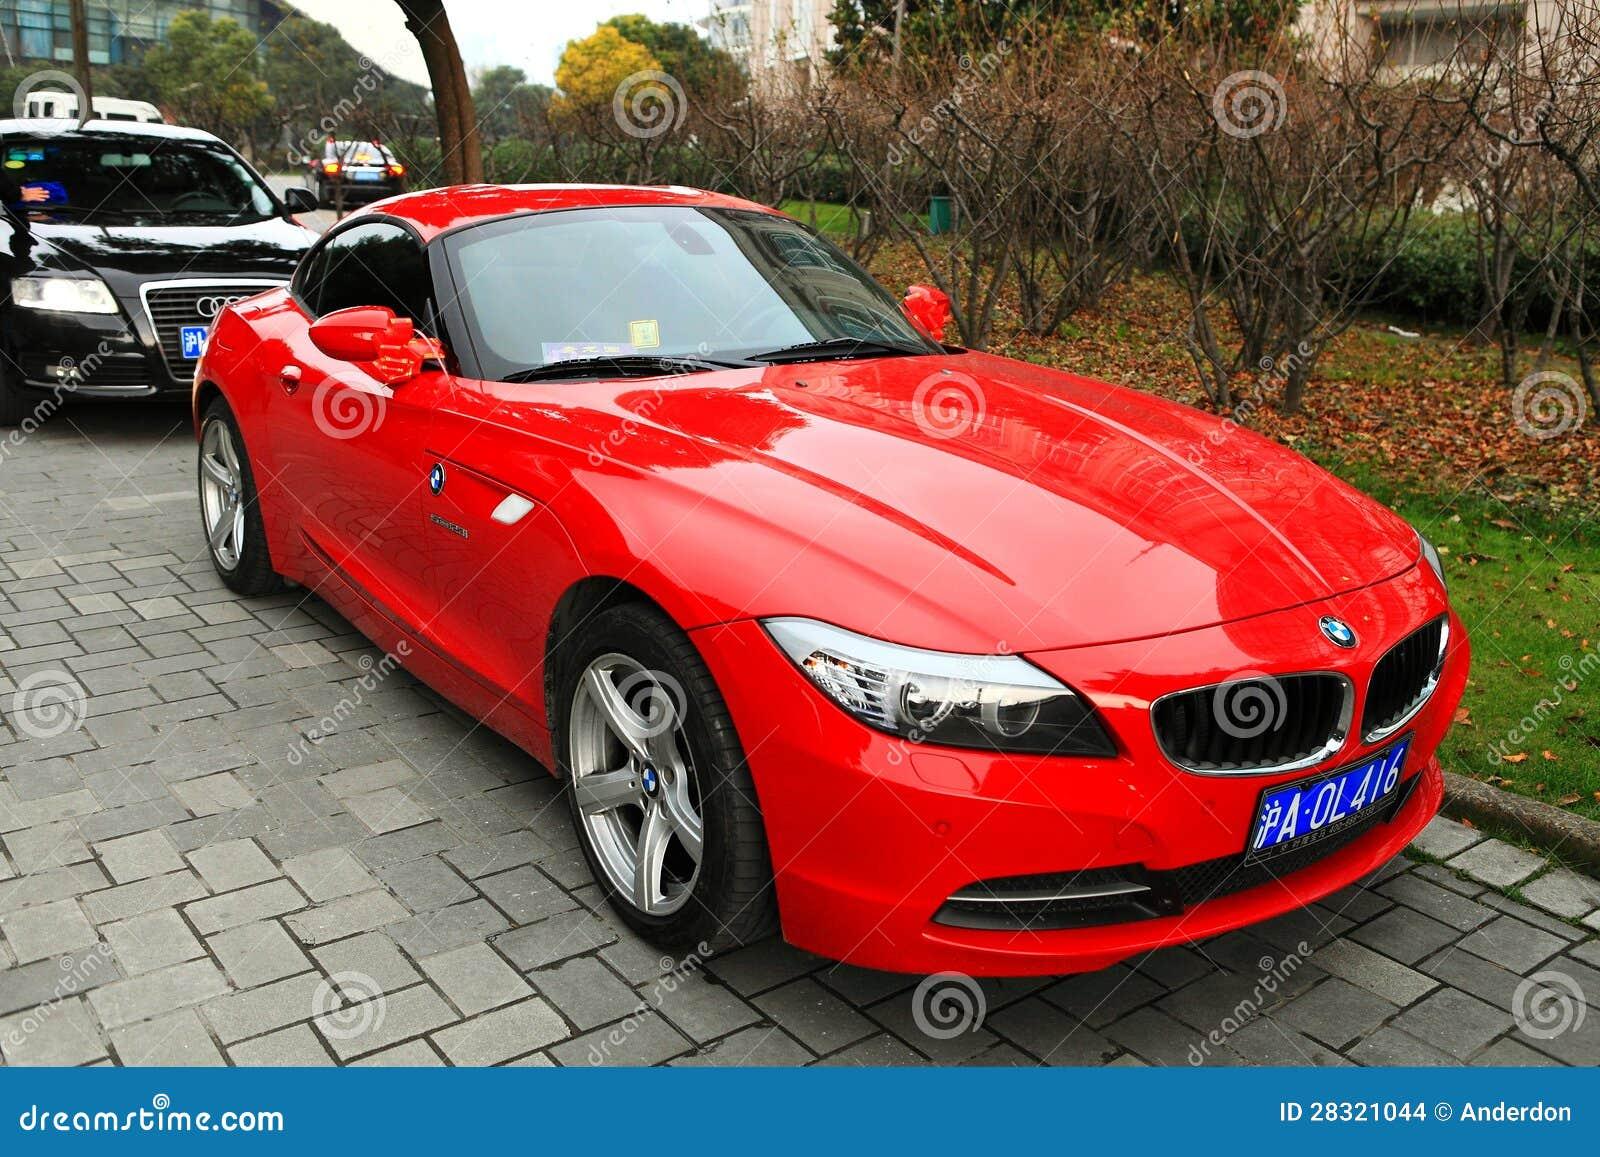 Rood Bmw Z4 Redactionele Stock Afbeelding Afbeelding Bestaande Uit Voertuig 28321044